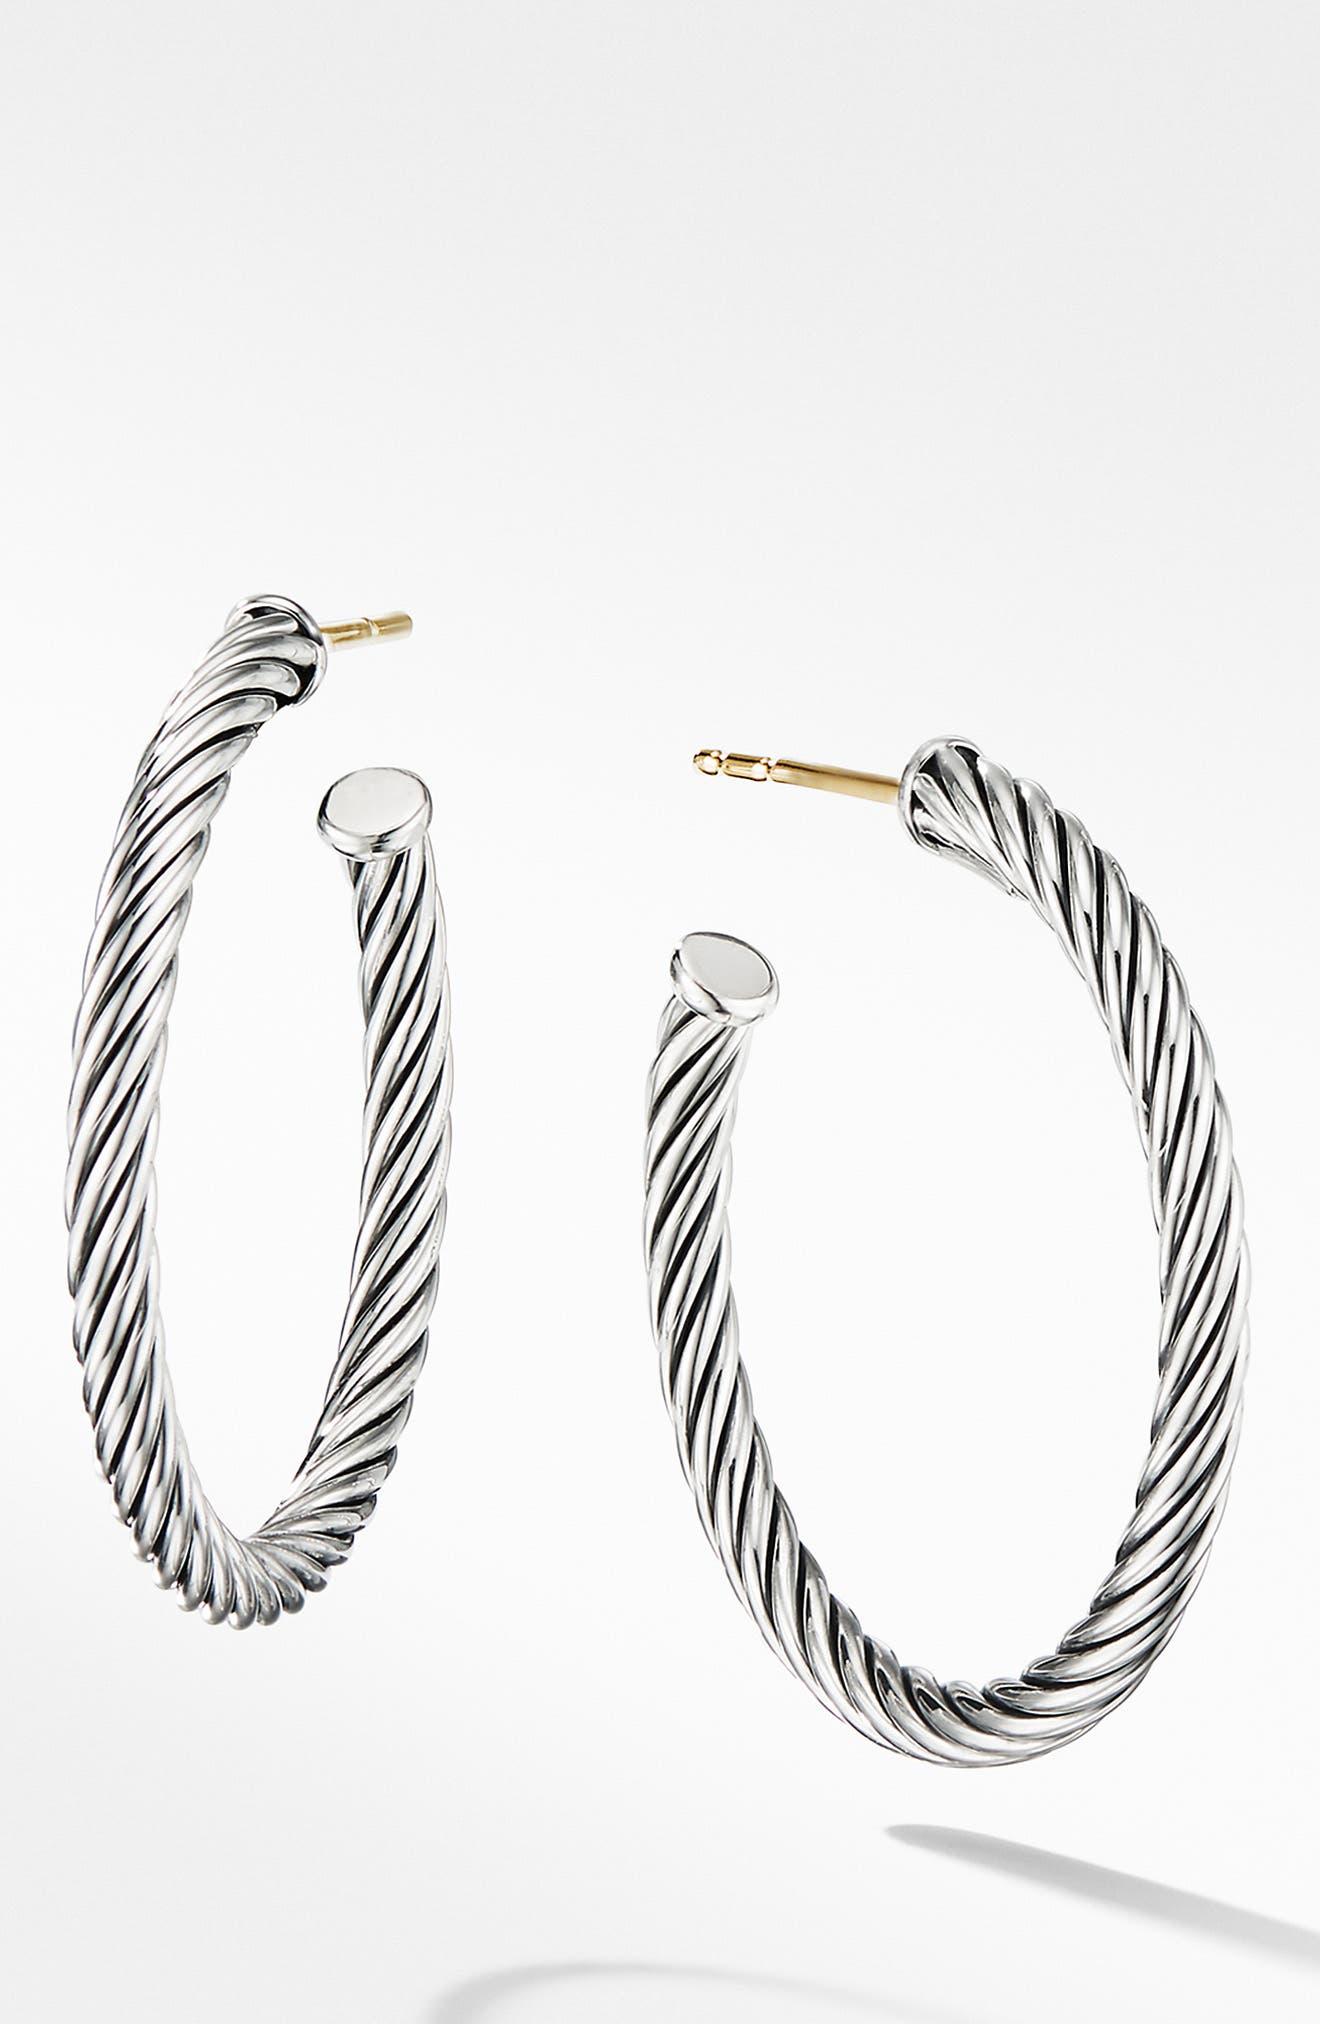 DAVID YURMAN, Cable Loop Hoop Earrings, Main thumbnail 1, color, SILVER